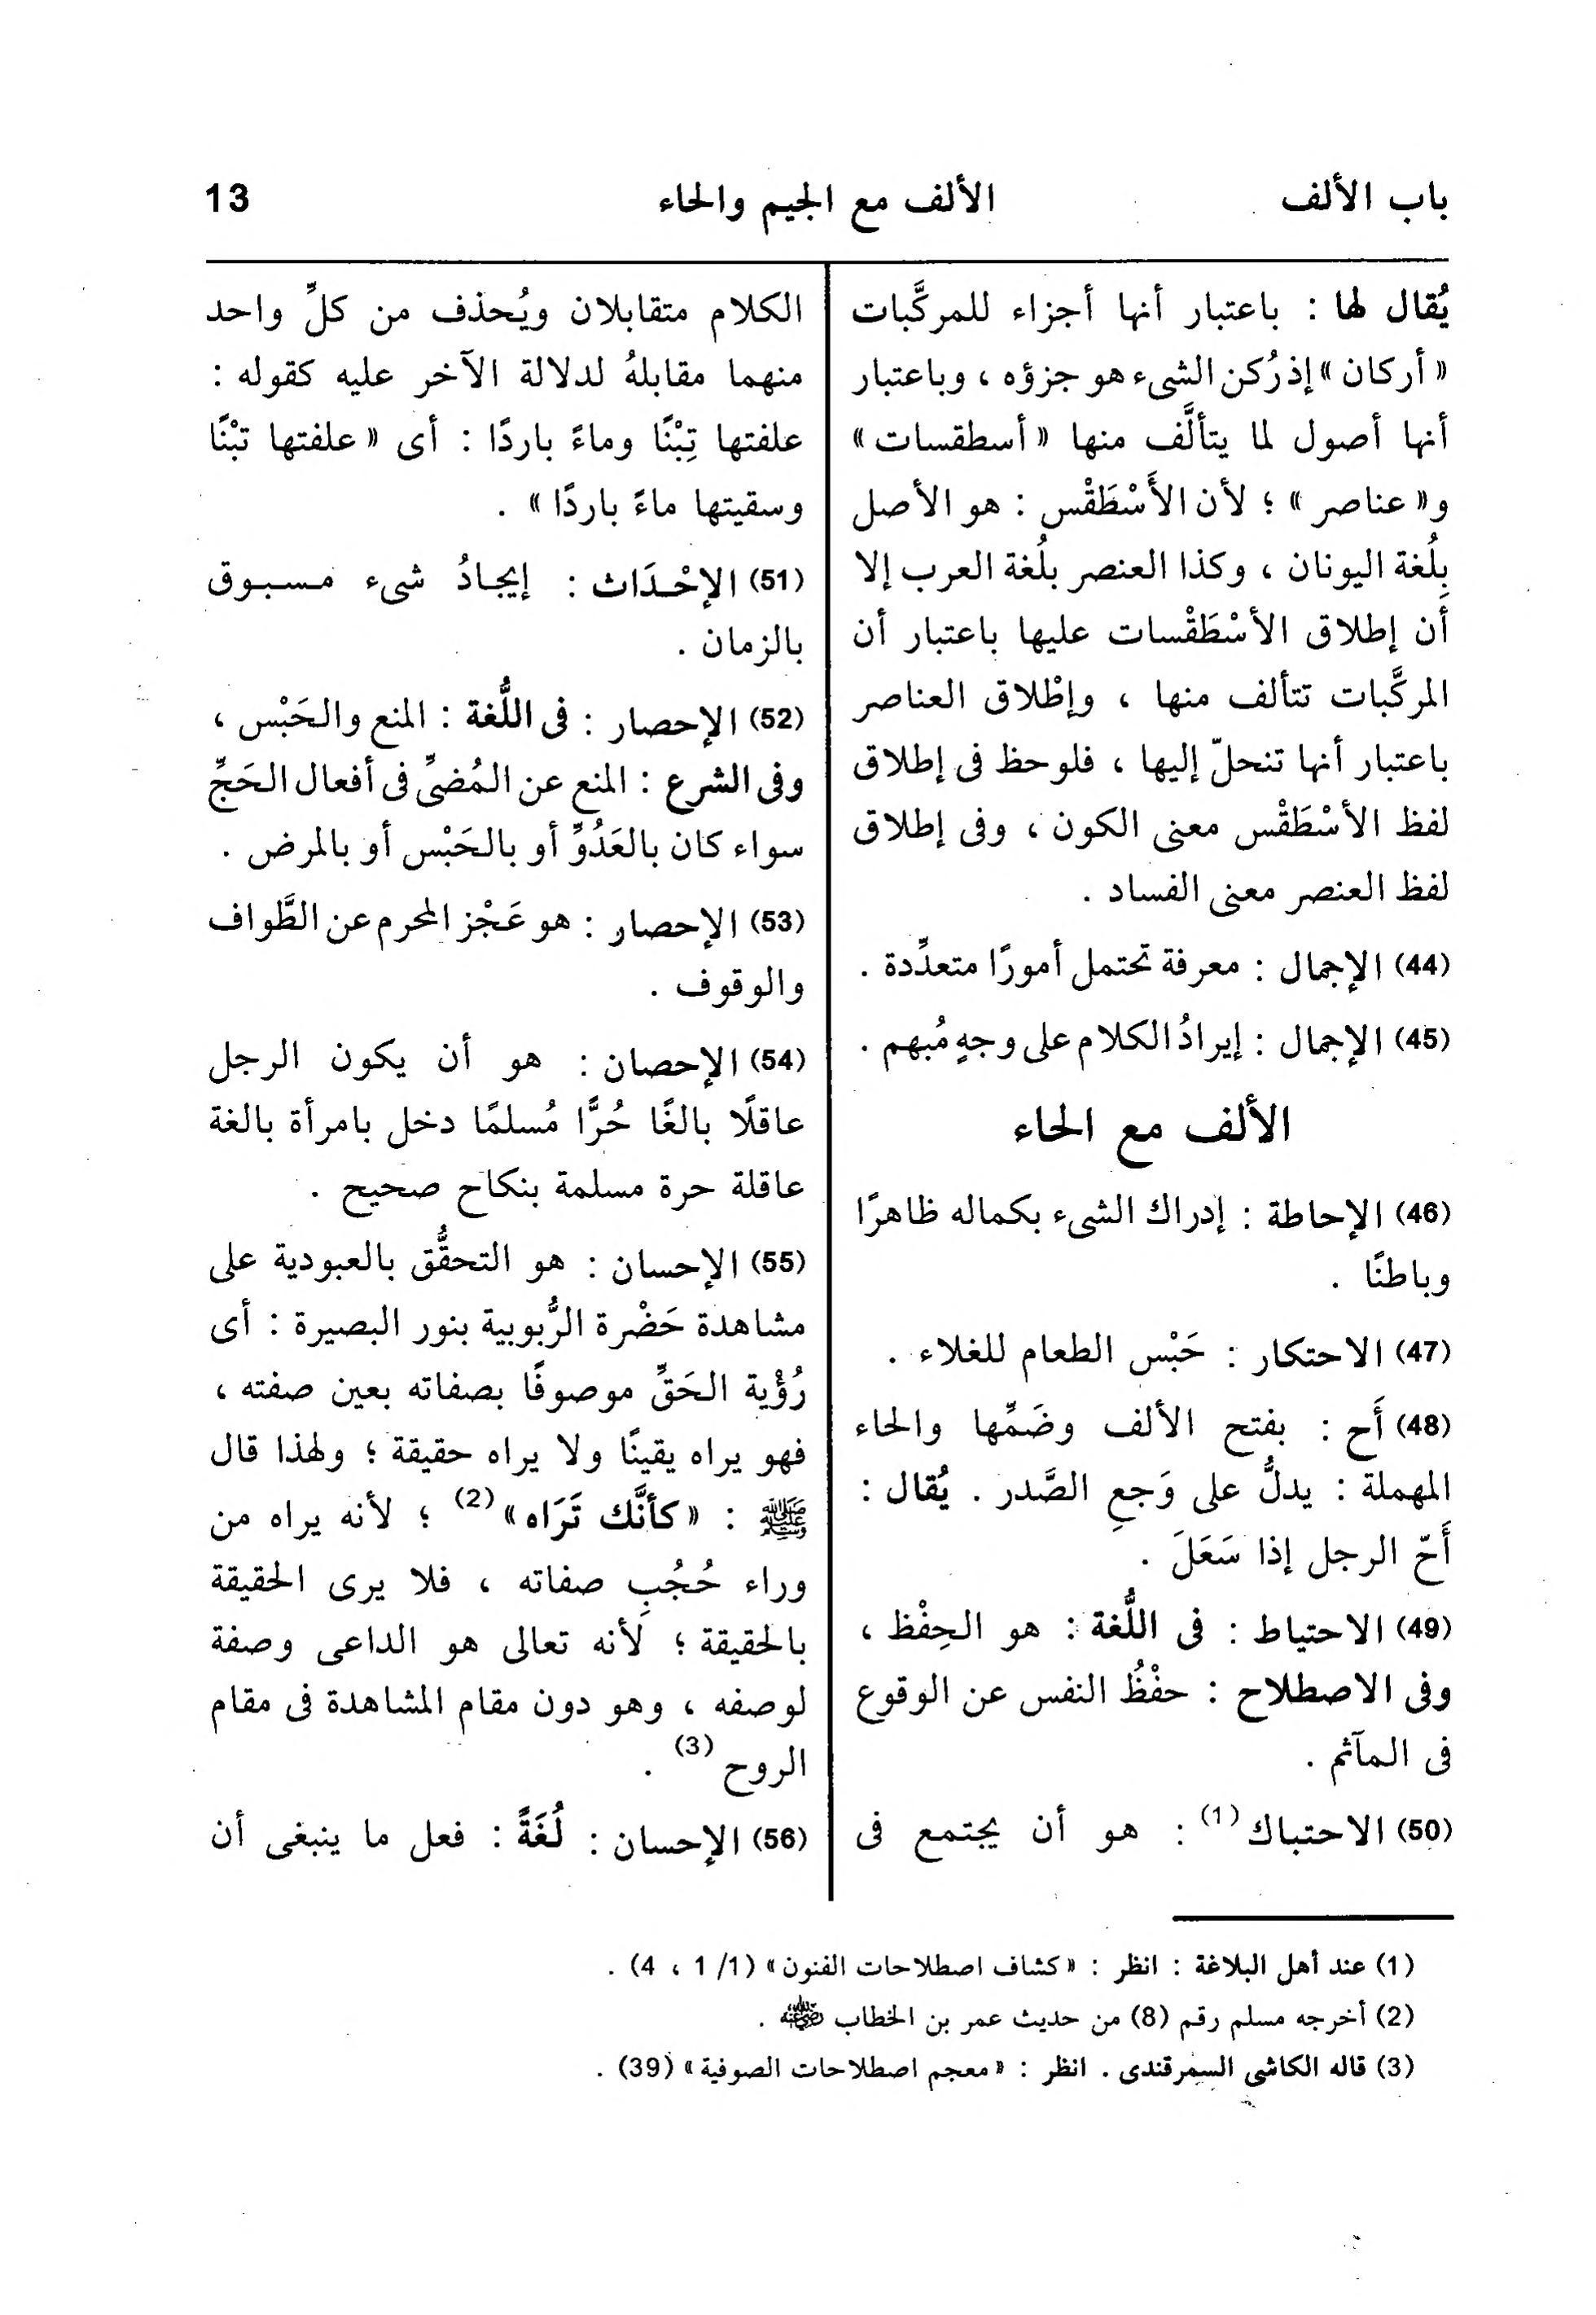 المعاجم اللغوية مجموعة متميزة وشاملة من معاجم اللغة العربية Math Sheet Music Math Equations